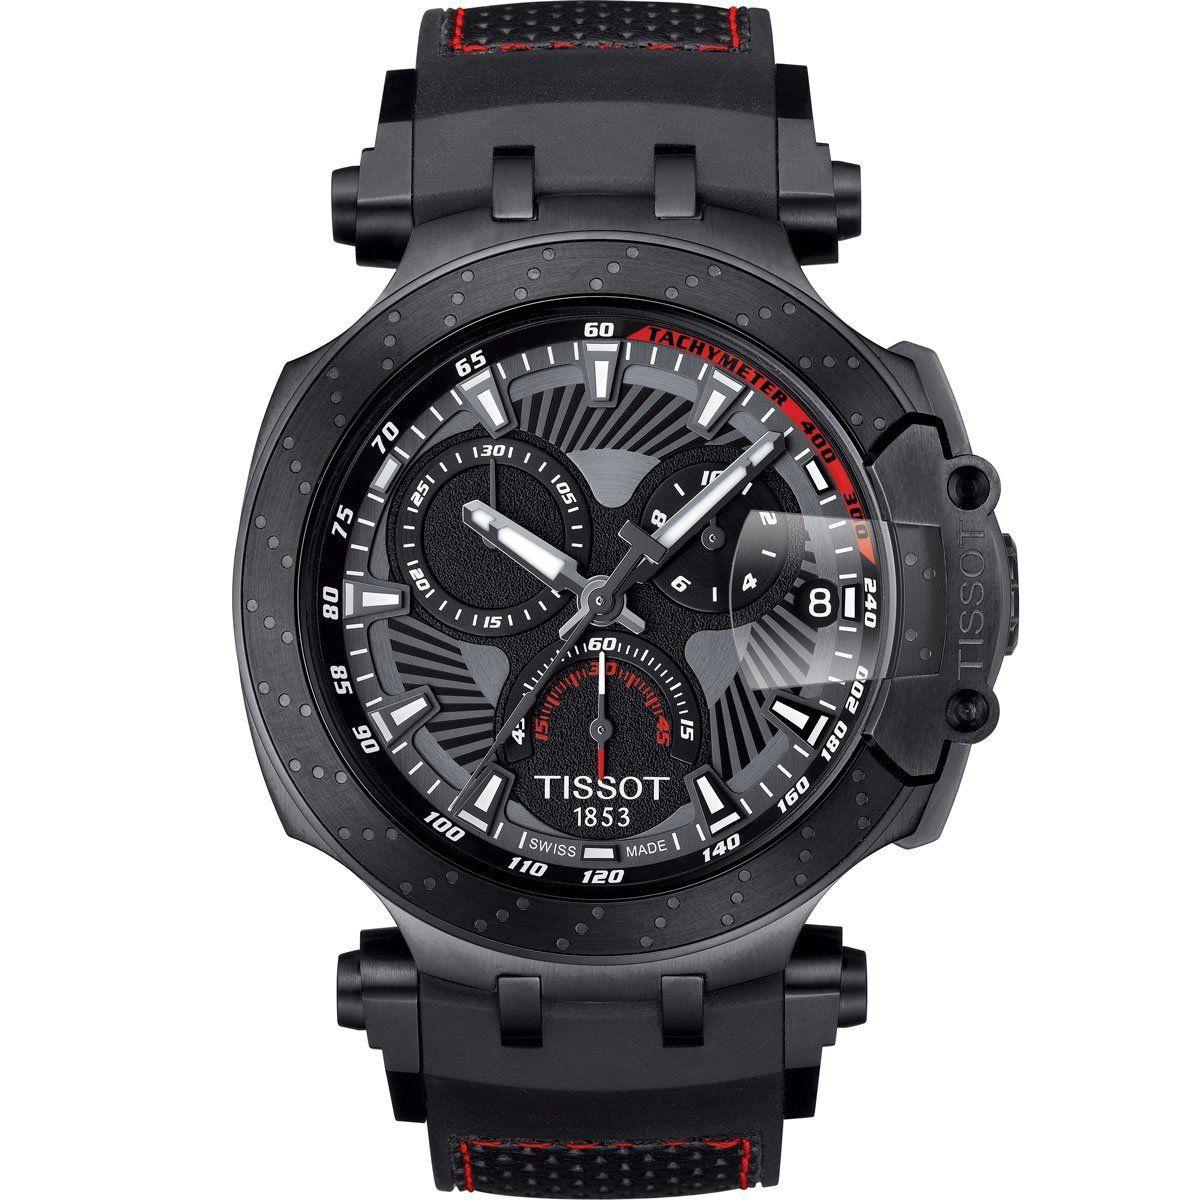 นาฬิกาผู้ชาย Tissot รุ่น T1154173706104, T-Race MotoGP Special Edition Men's Watch